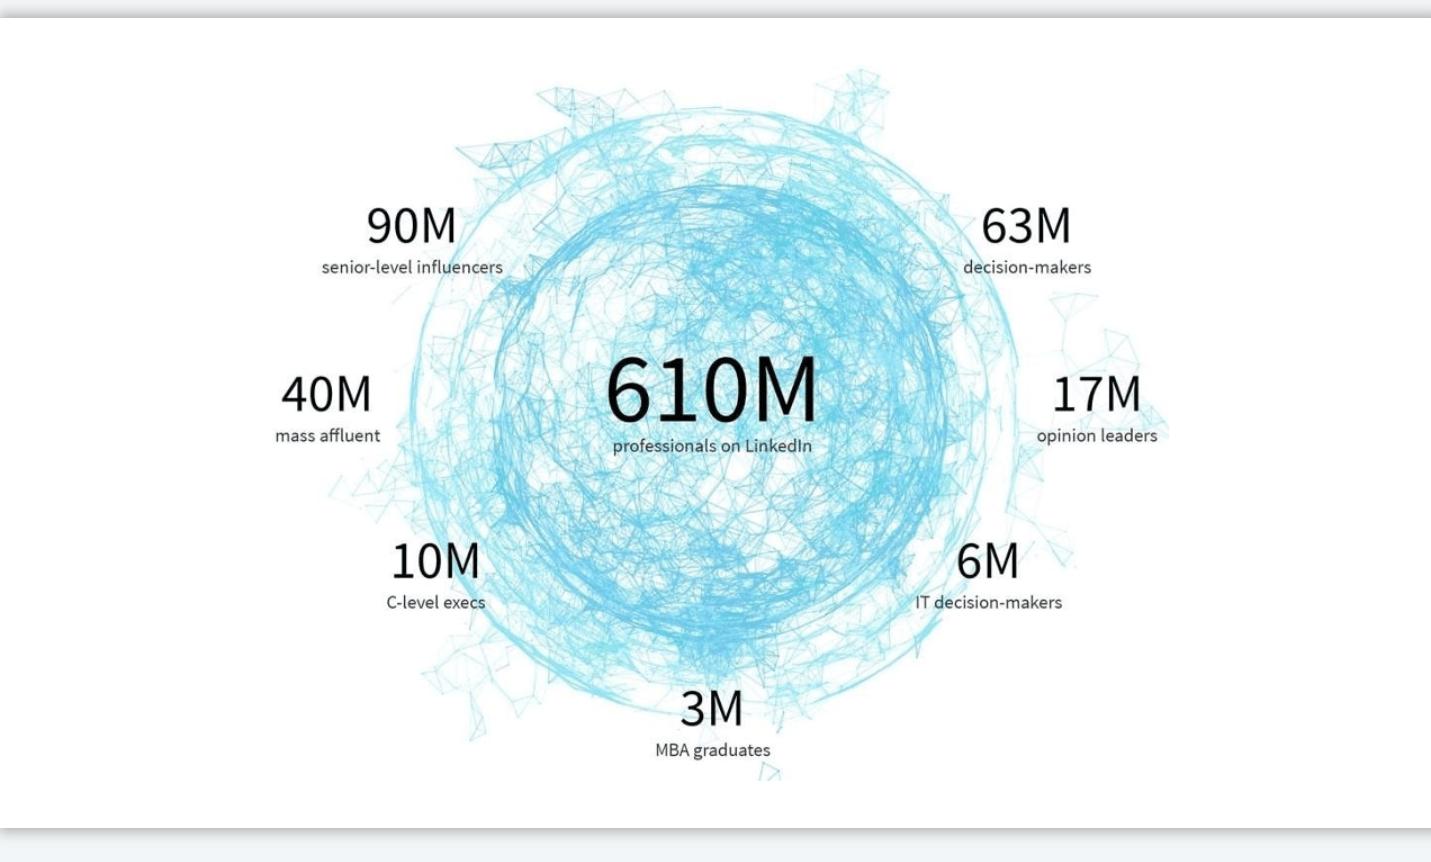 Moc LinkedIn - zestawienie użytkowników portalu